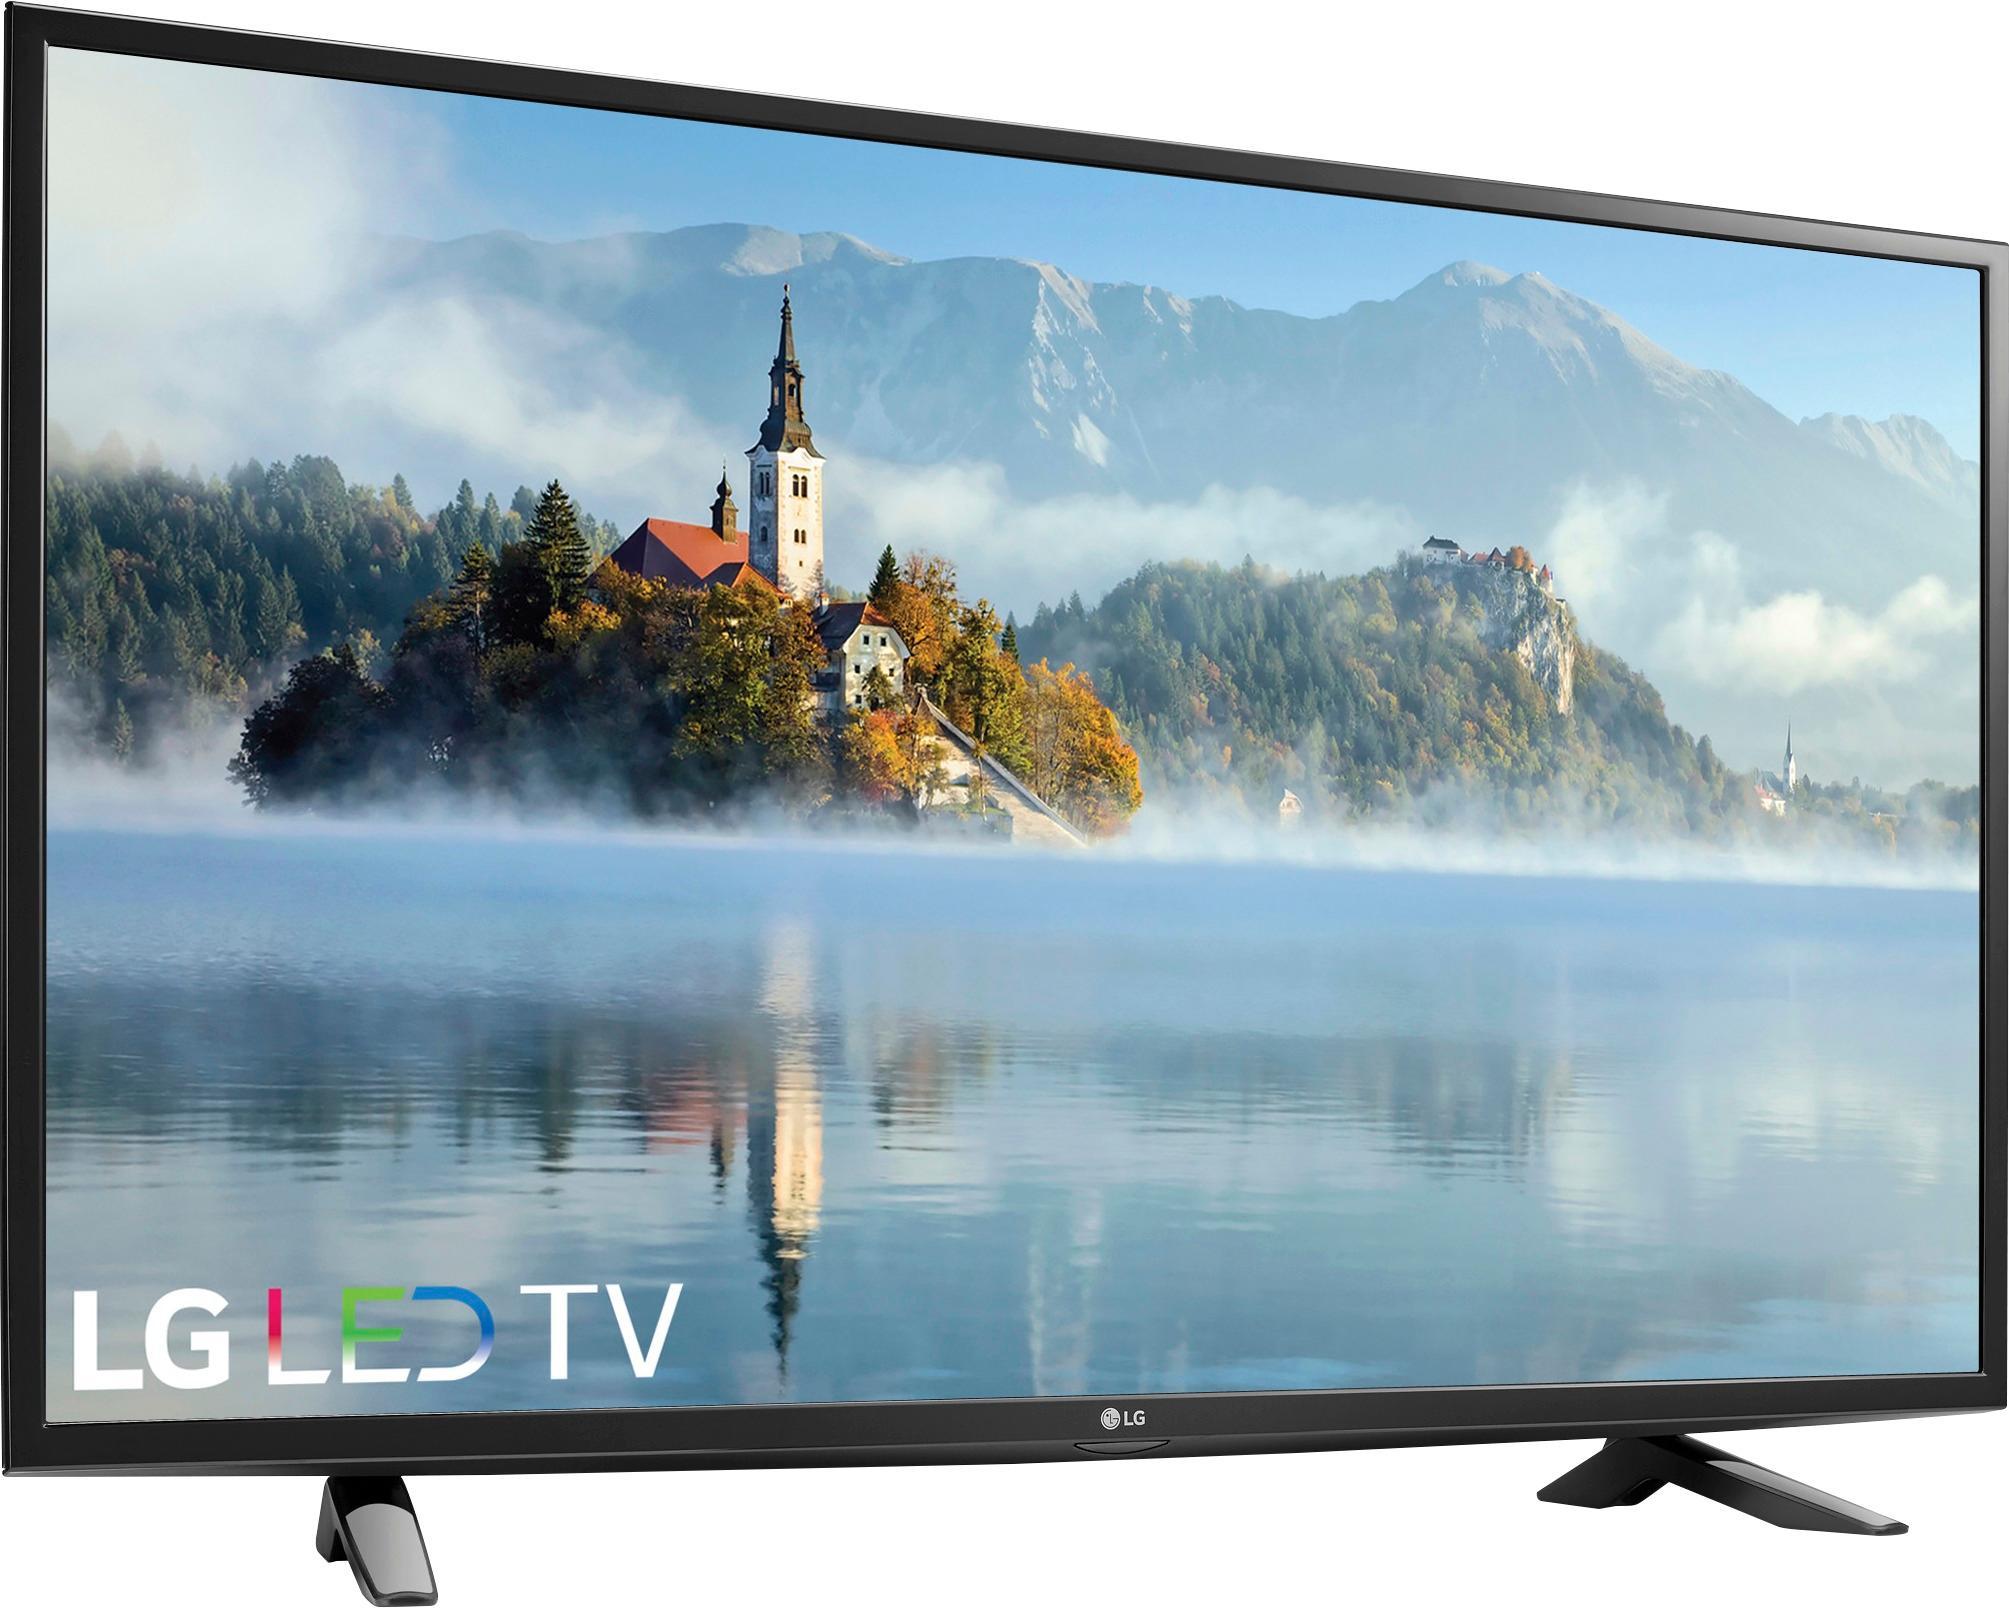 """LG 49"""" Class LED 1080p HDTV YMMV 49LJ510M $164.99"""